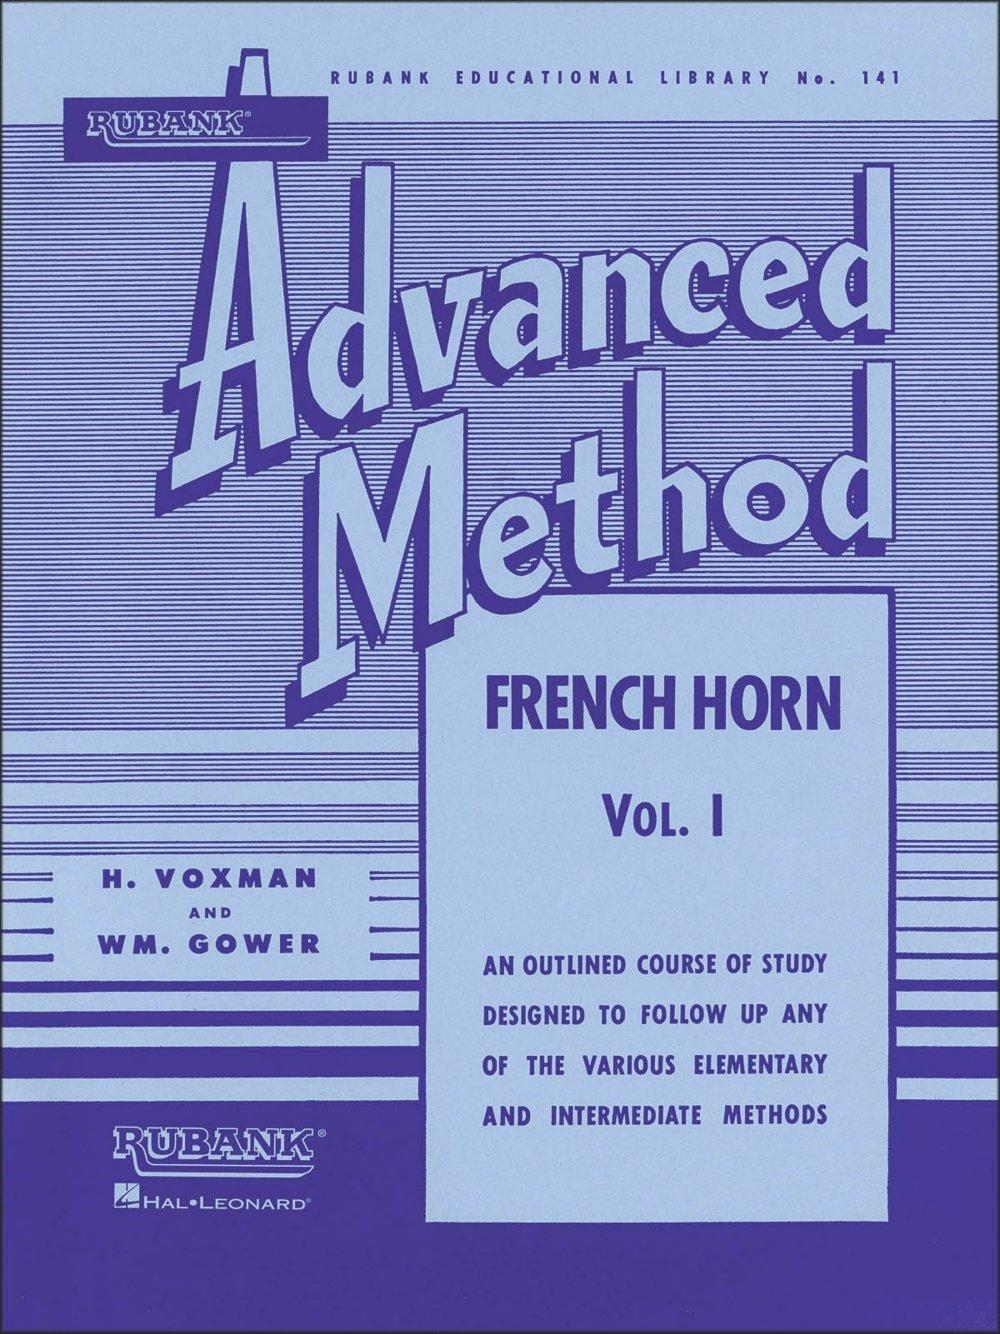 hal-leonard-rubank-advanced-method-for-french-horn-volume-1